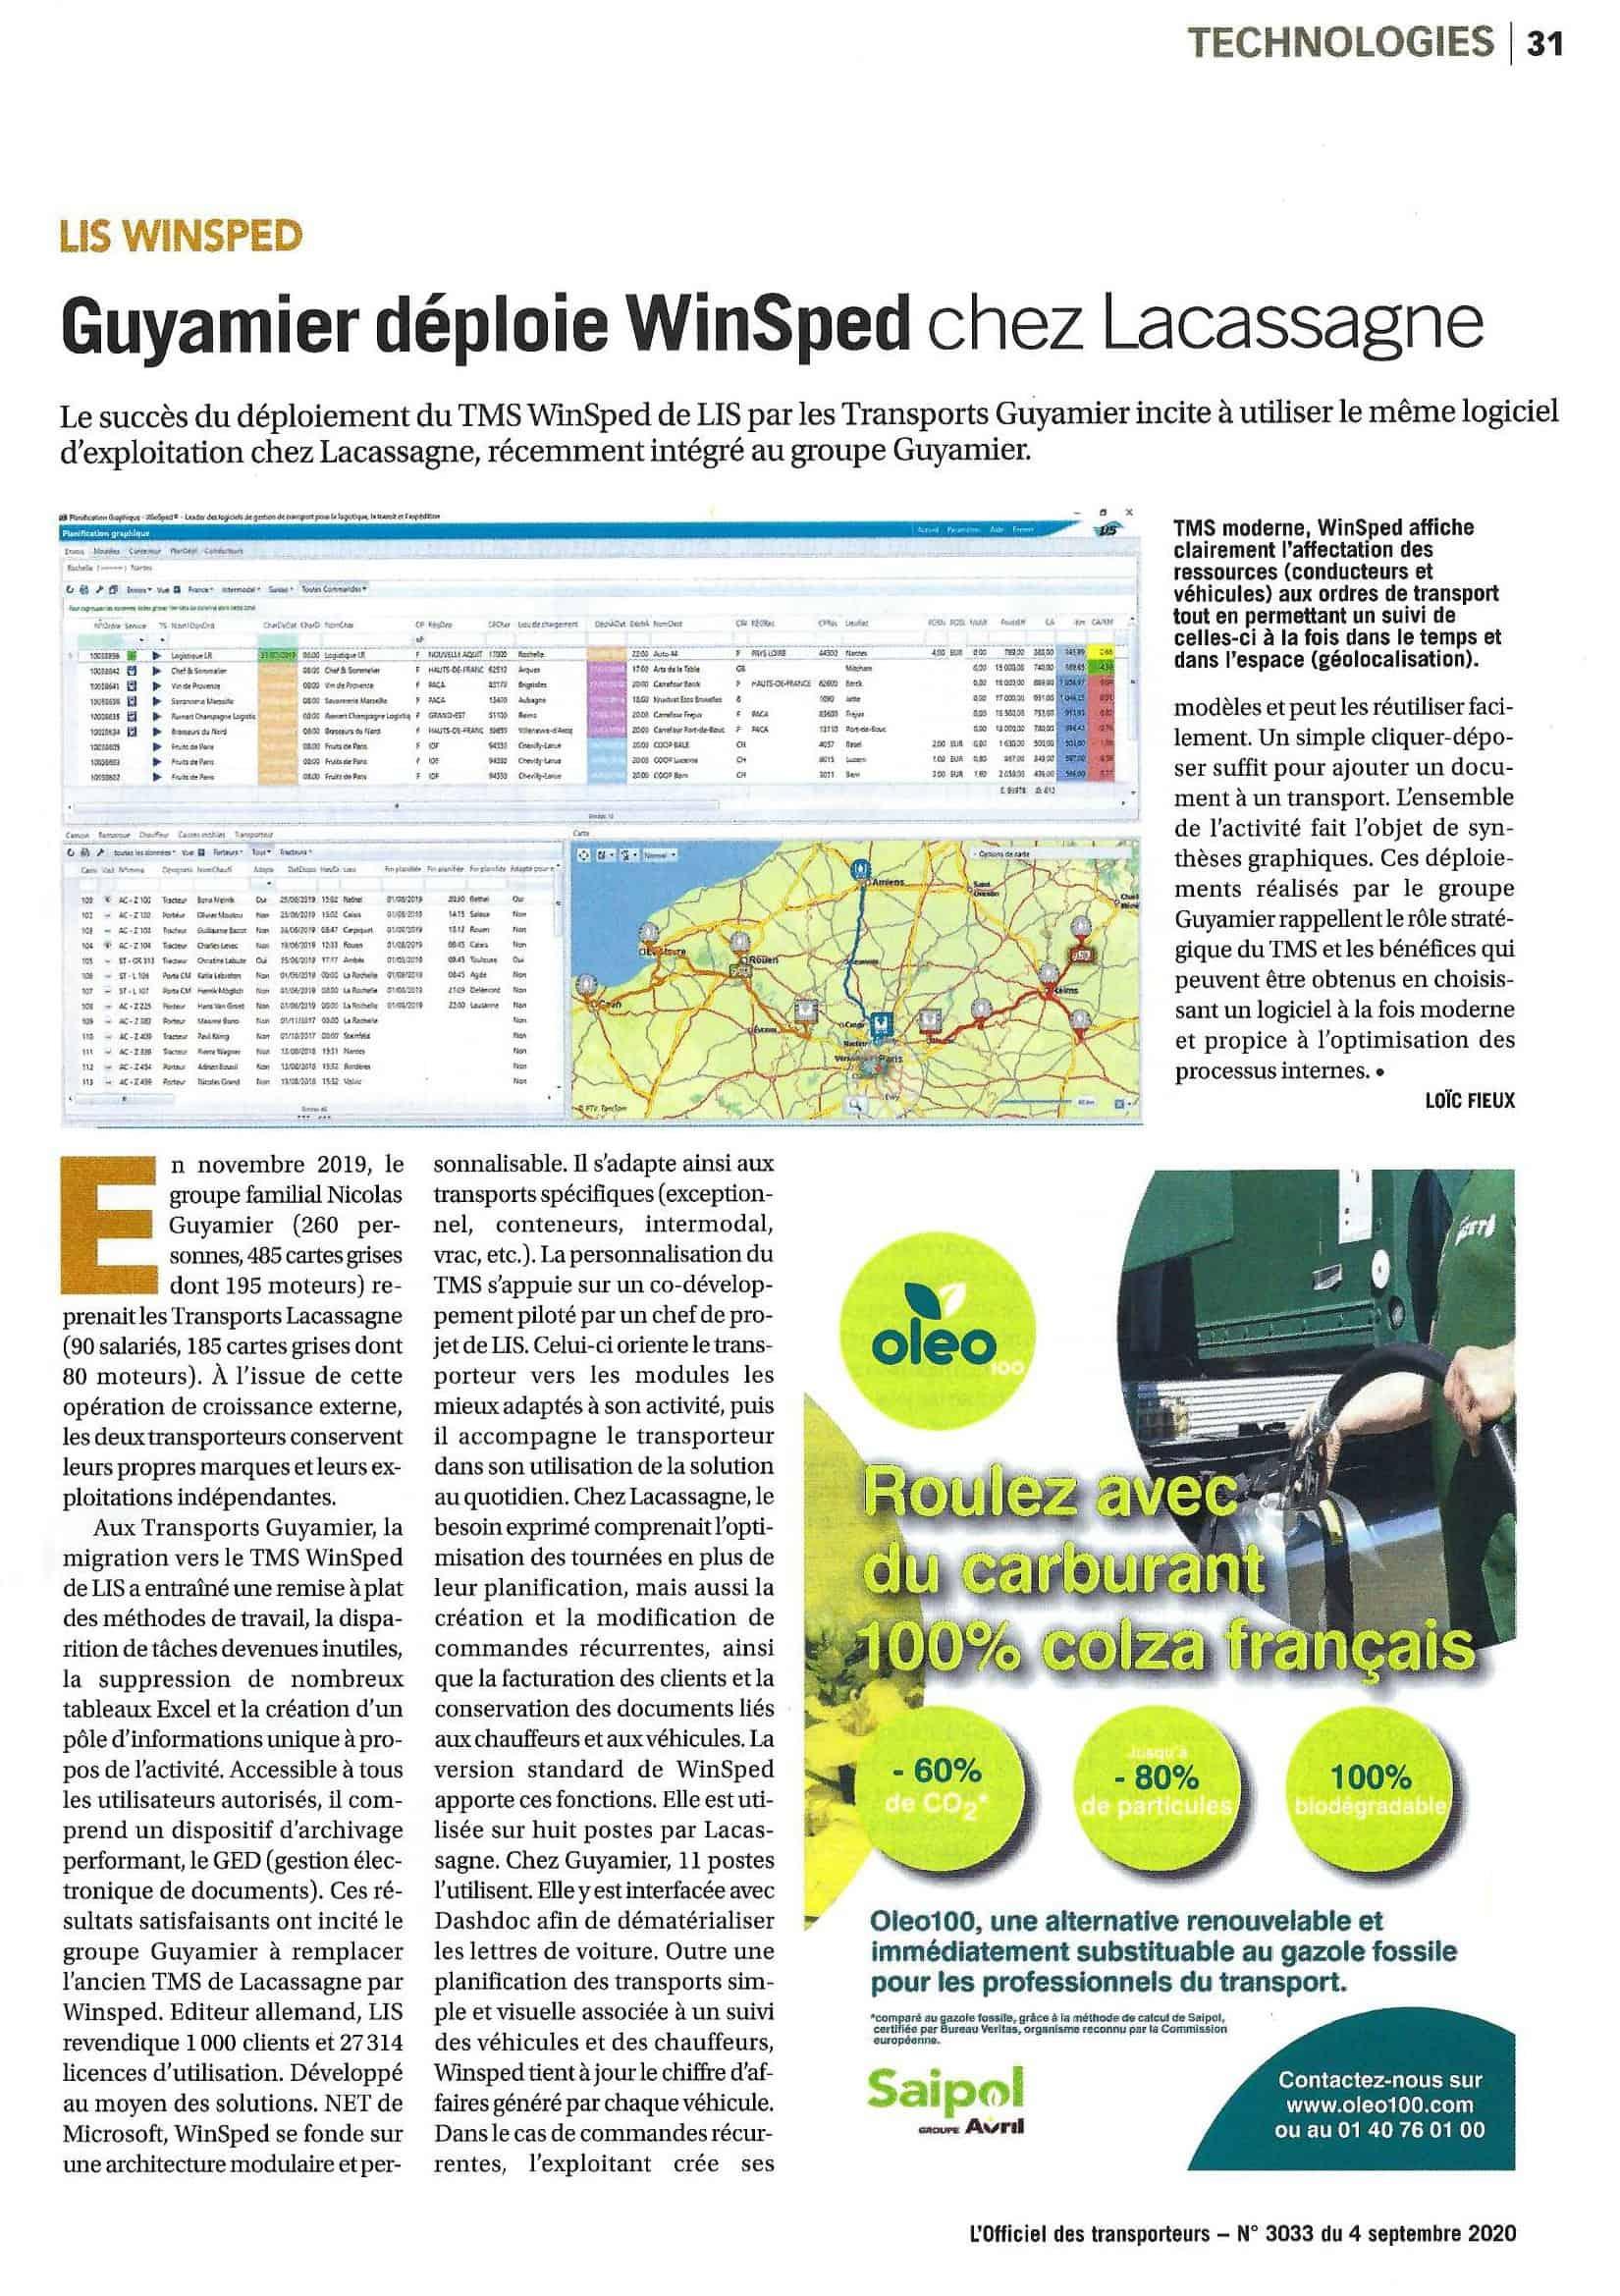 Article Officiel des transporteur déploiement Logiciel LIS dans le groupe Guyamier